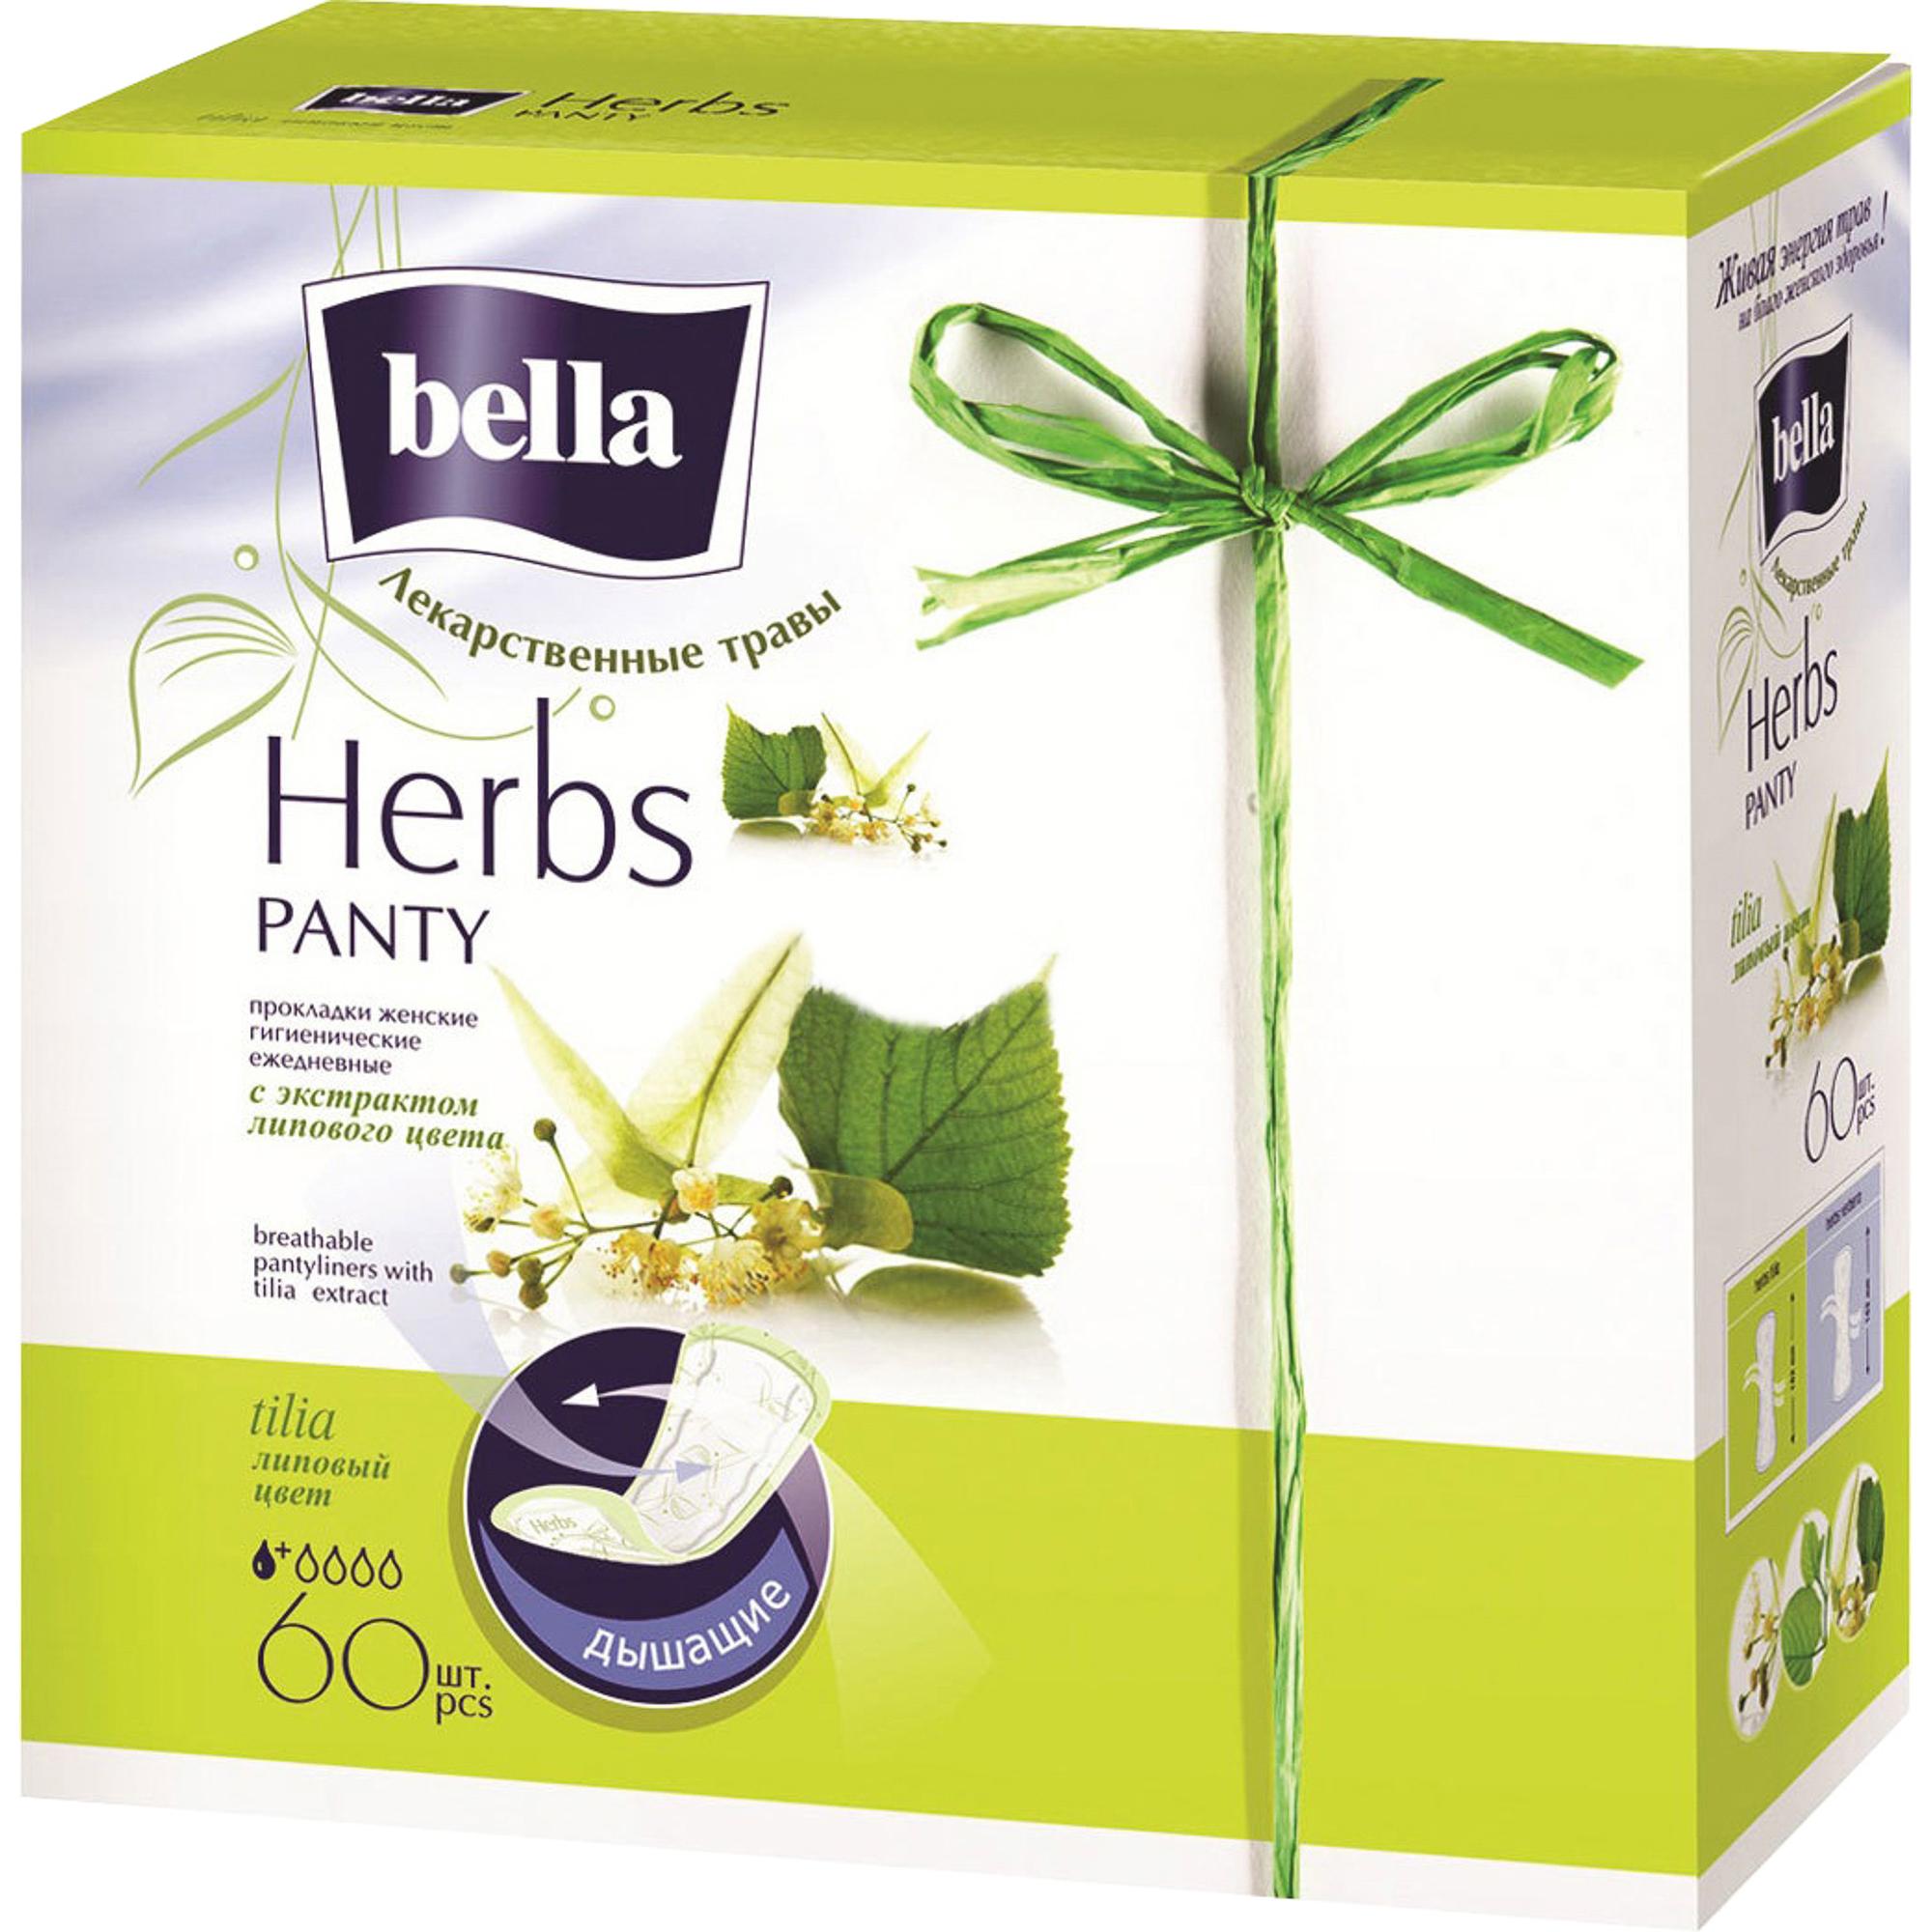 Прокладки Bella Panty Soft Tilia 60 шт.